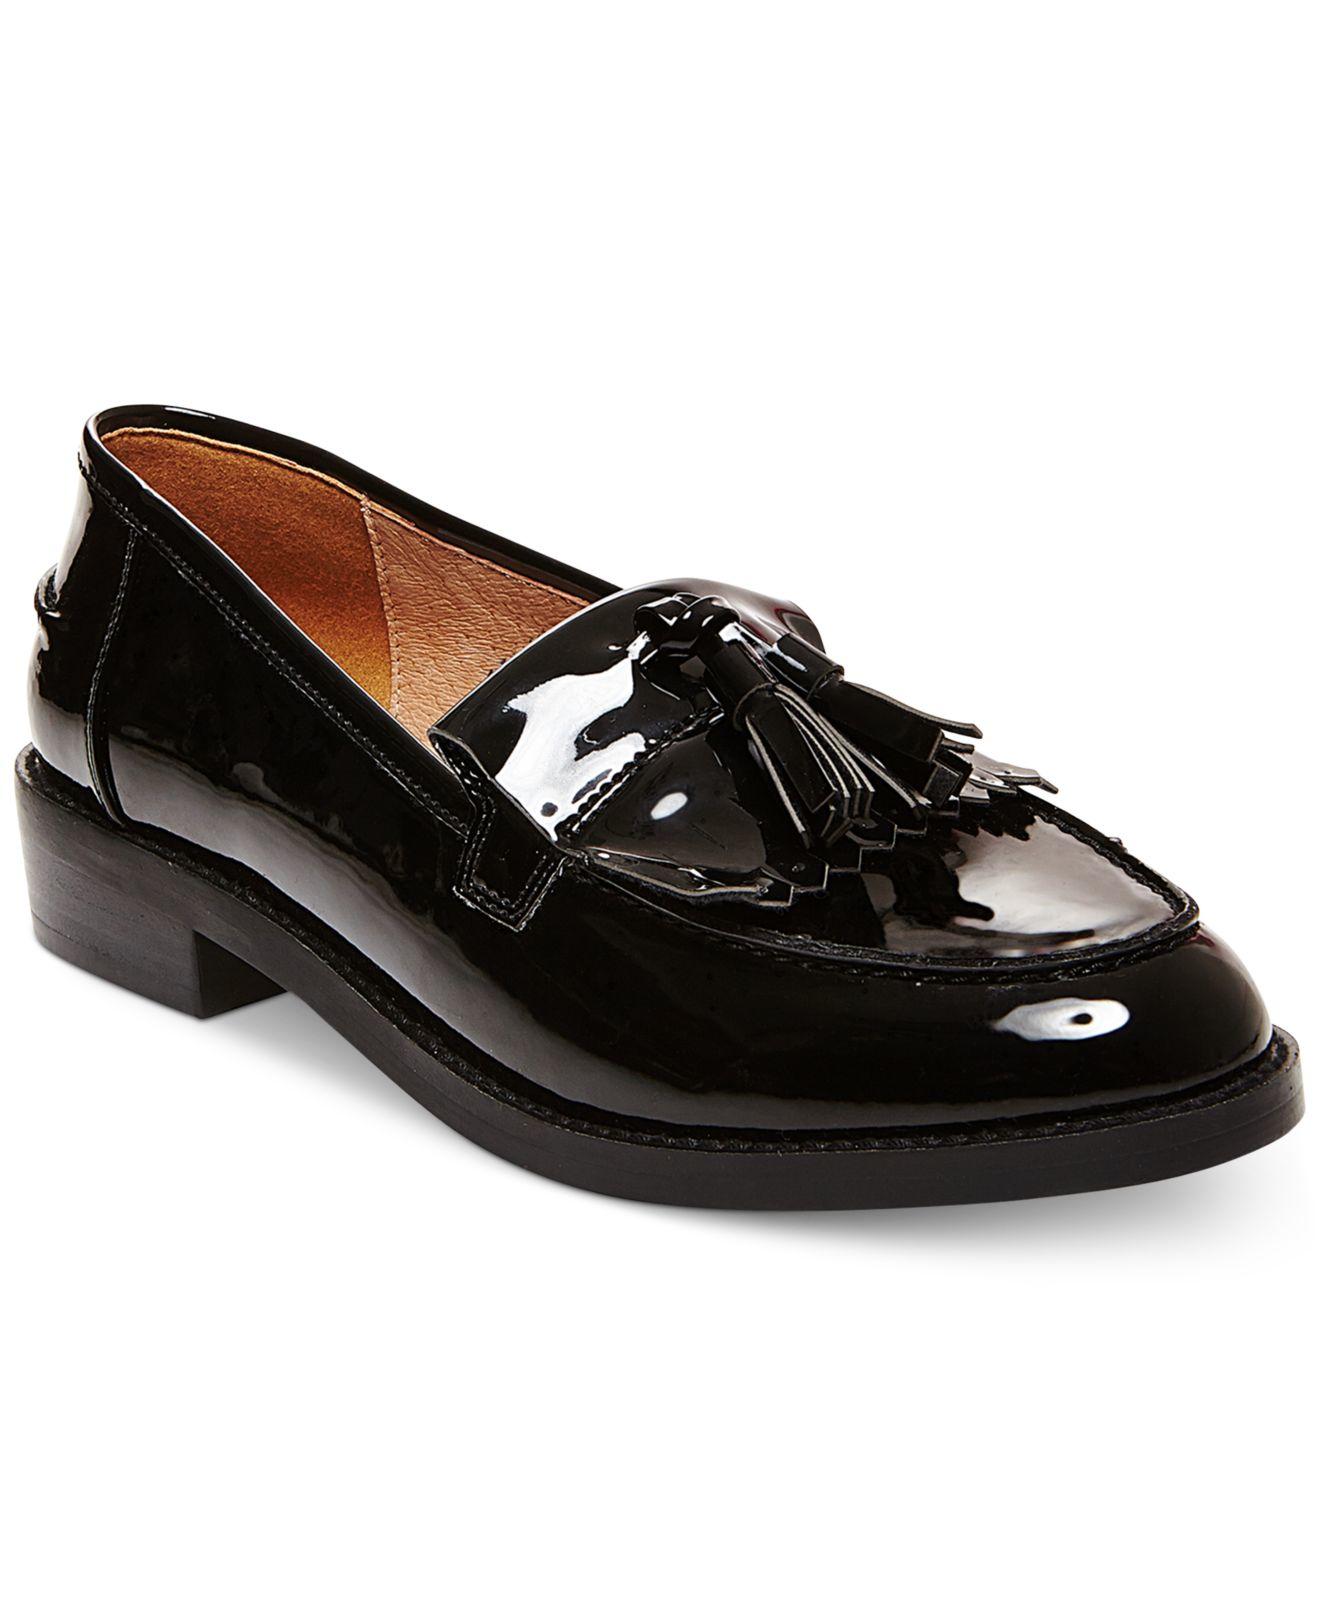 09c9d543023 Lyst - Steve Madden Women s Meela Lug Tassel Loafer in Black